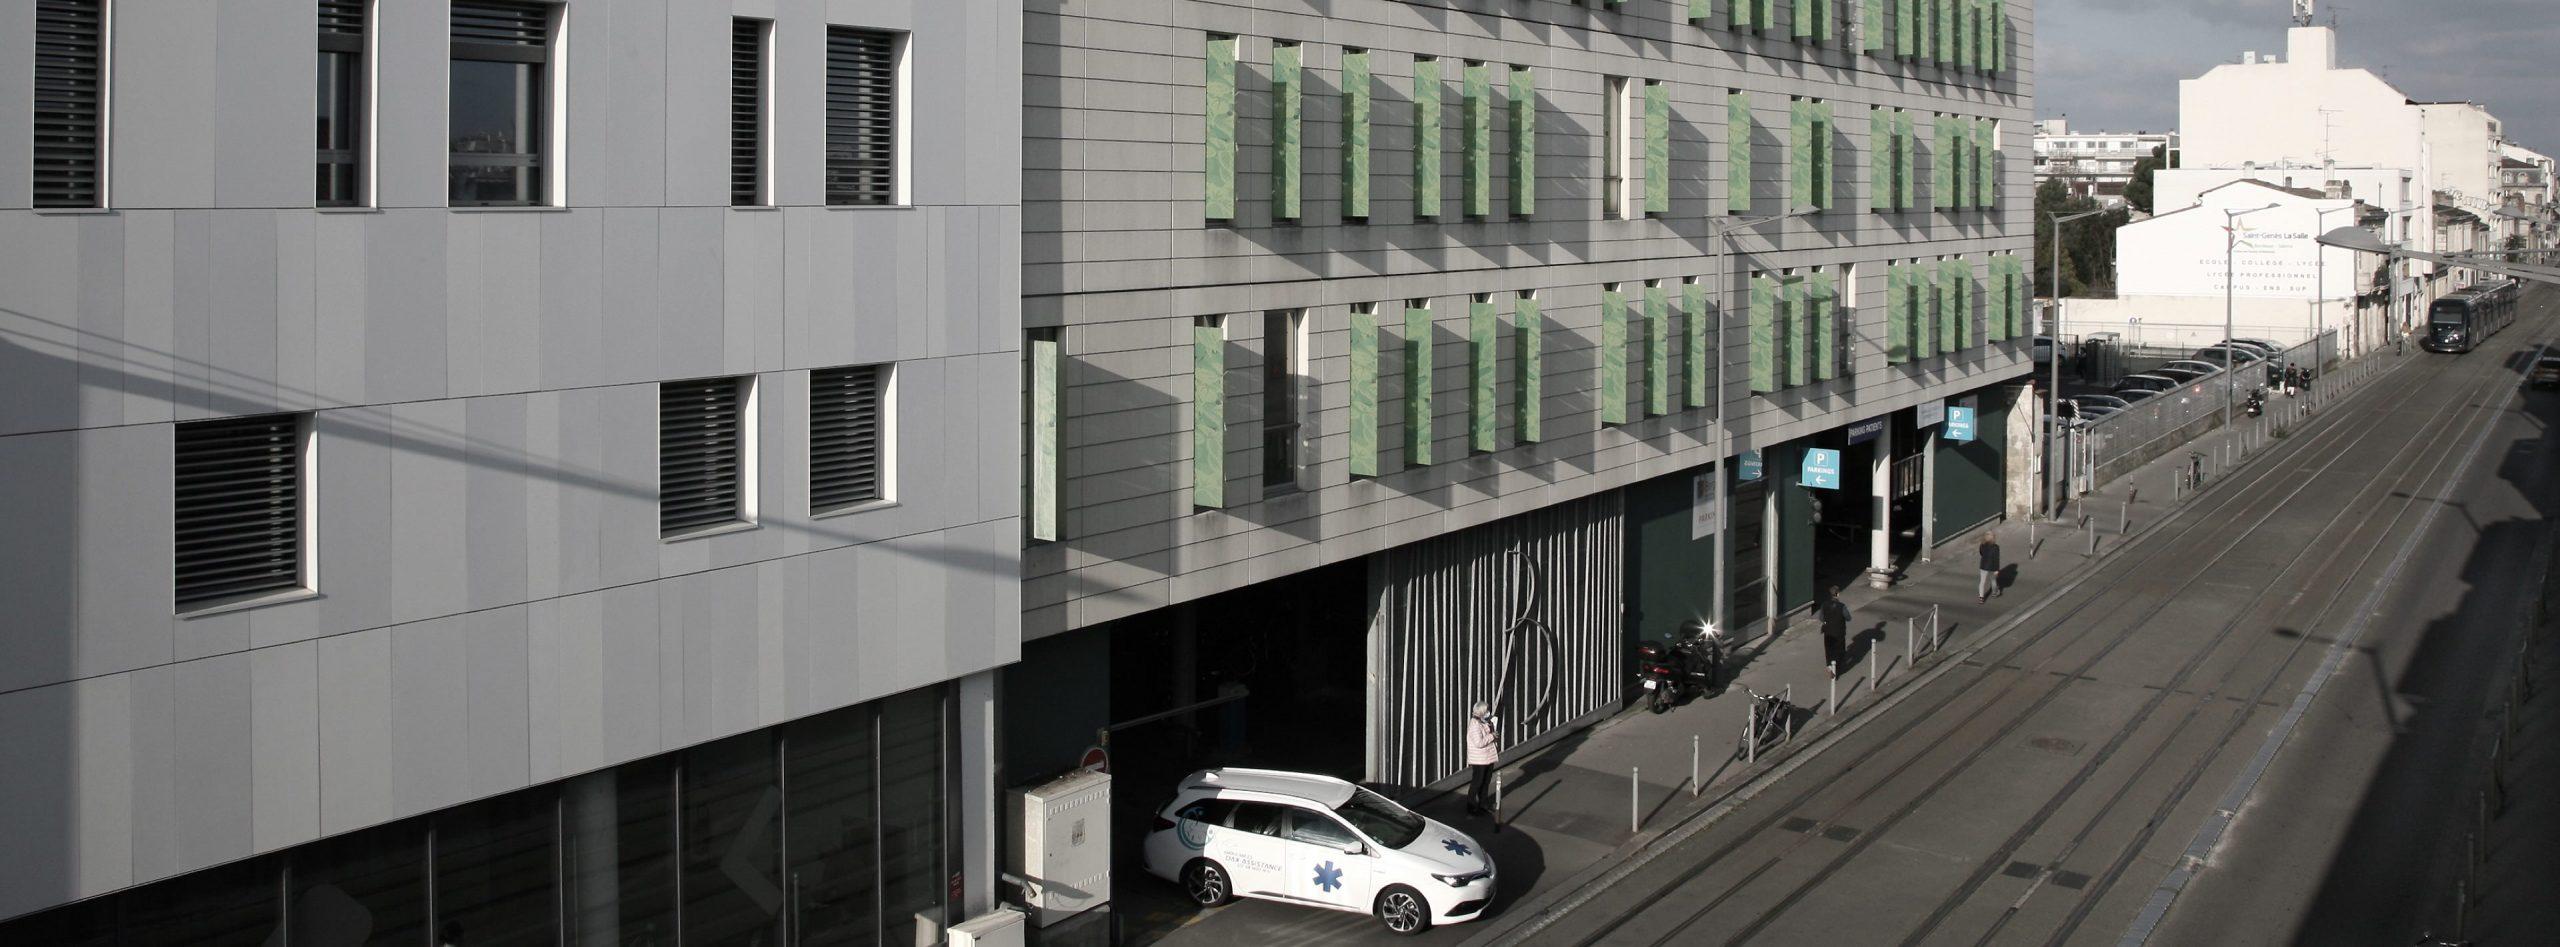 Le parking METPARK Bergonié à Bordeaux est situé au pied de l'Institut Bergonié, à quelques minutes de la place de la Victoire.